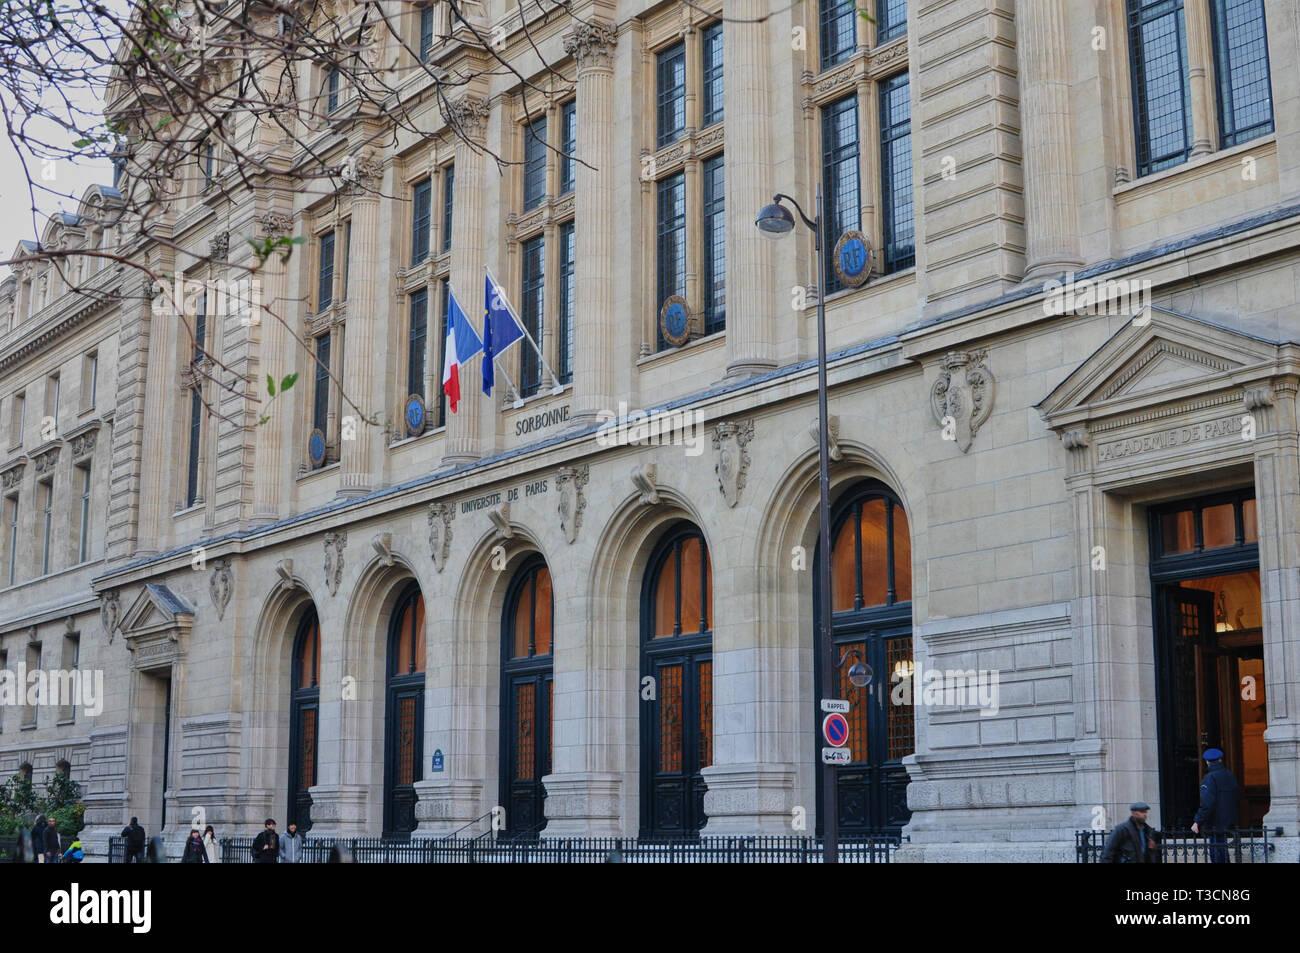 Paris, France - 02/10/2015: University of Paris, Sorbonne - Stock Image